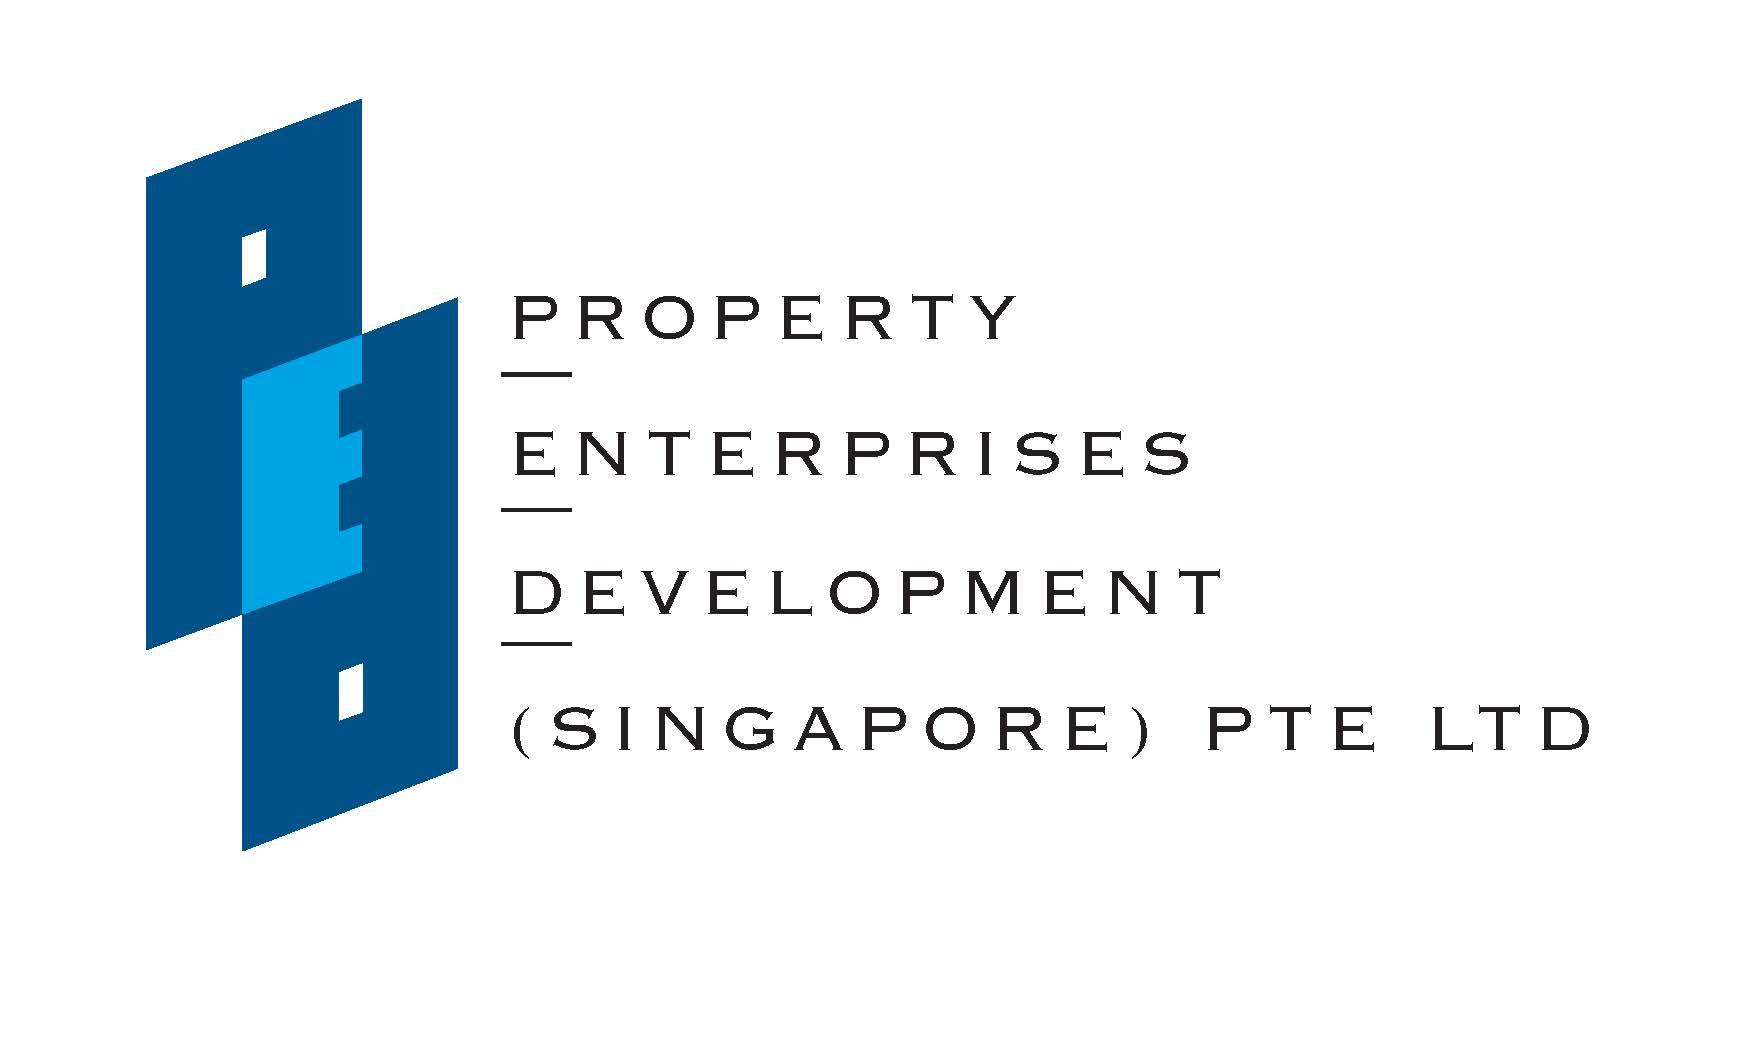 Logo of PROPERTY ENTERPRISES DEVELOPMENT (SINGAPORE) PTE LTD hiring for jobs in Singapore on GrabJobs